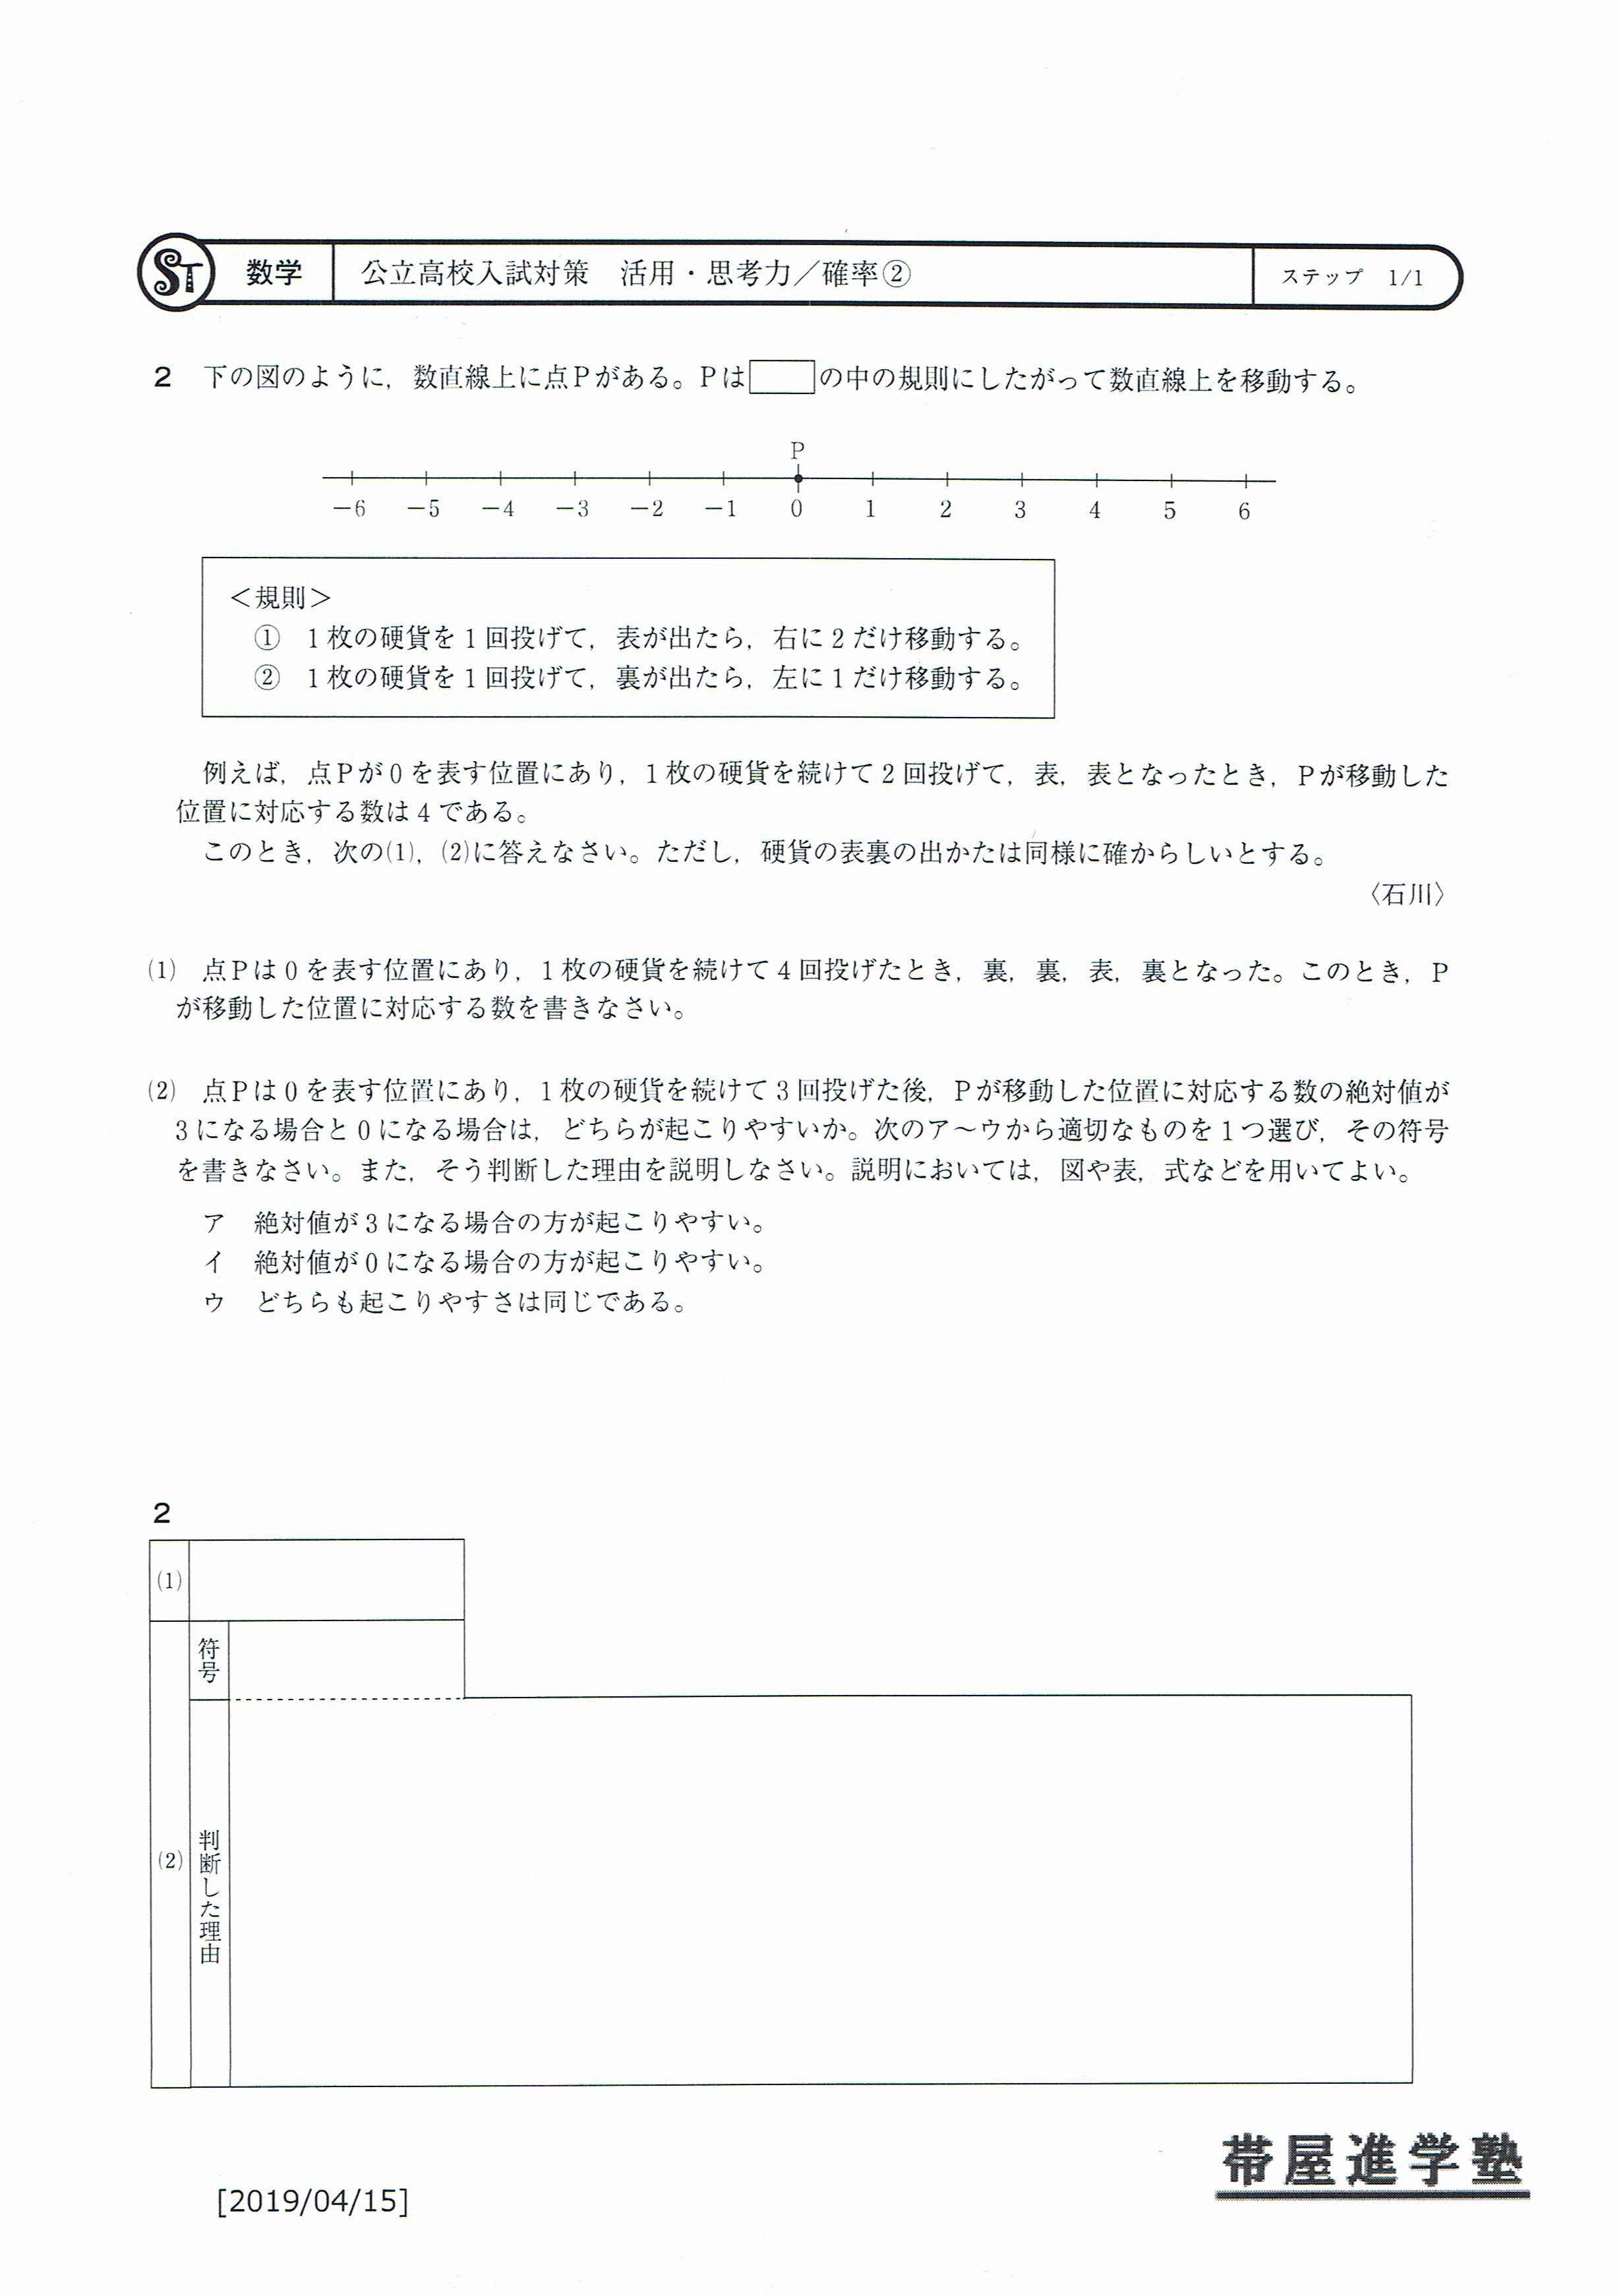 公立高校入試対策 (6)